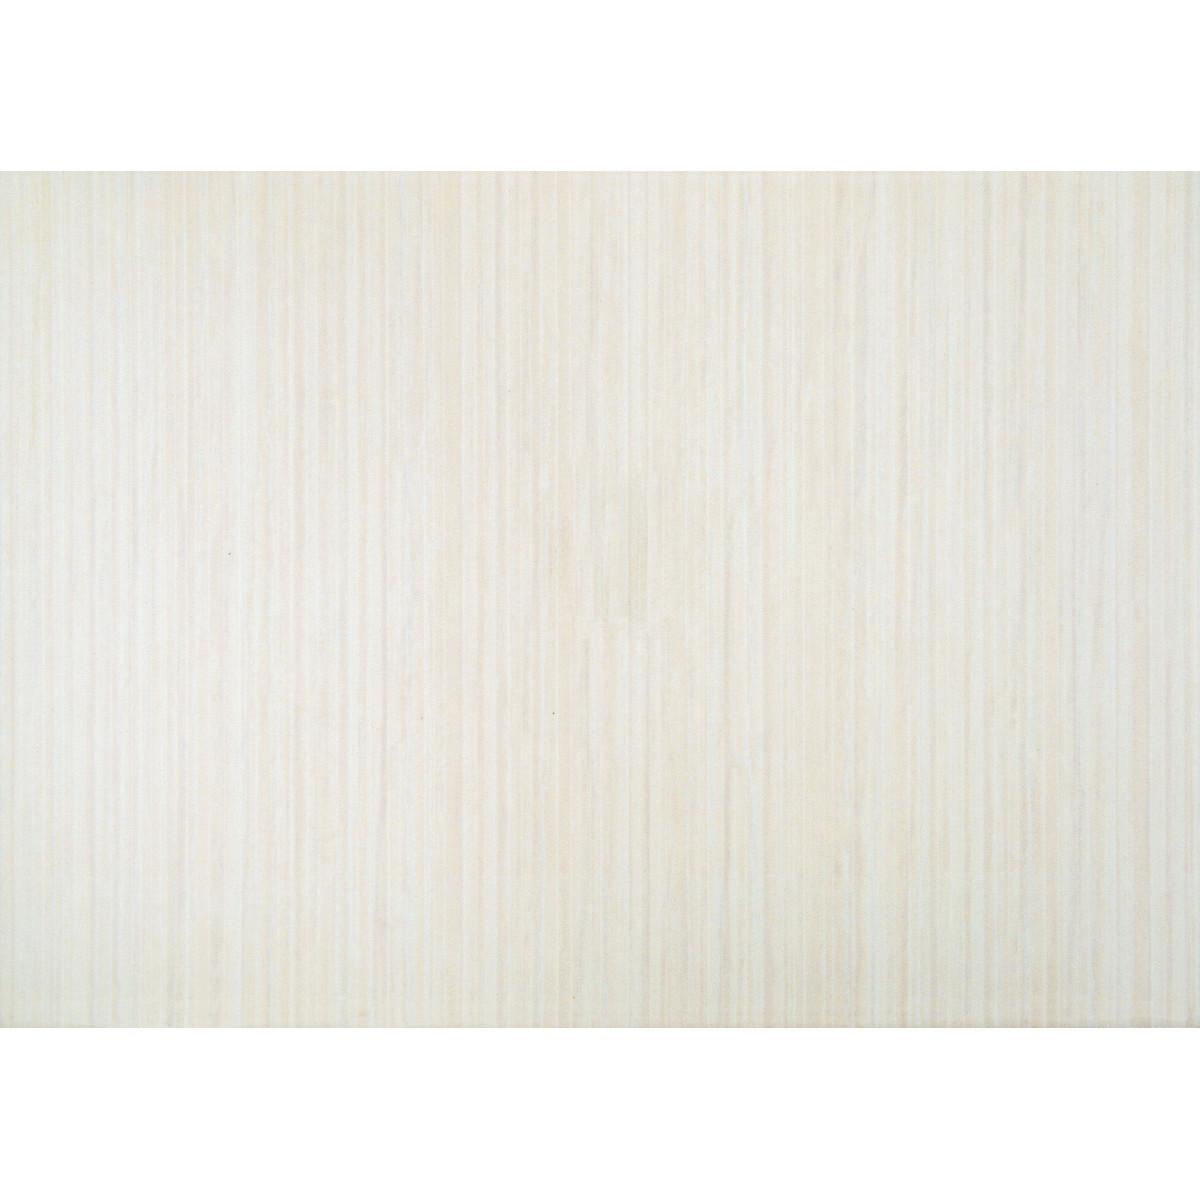 Плитка настенная Wood 25x35 см 1.4 м2 цвет белый